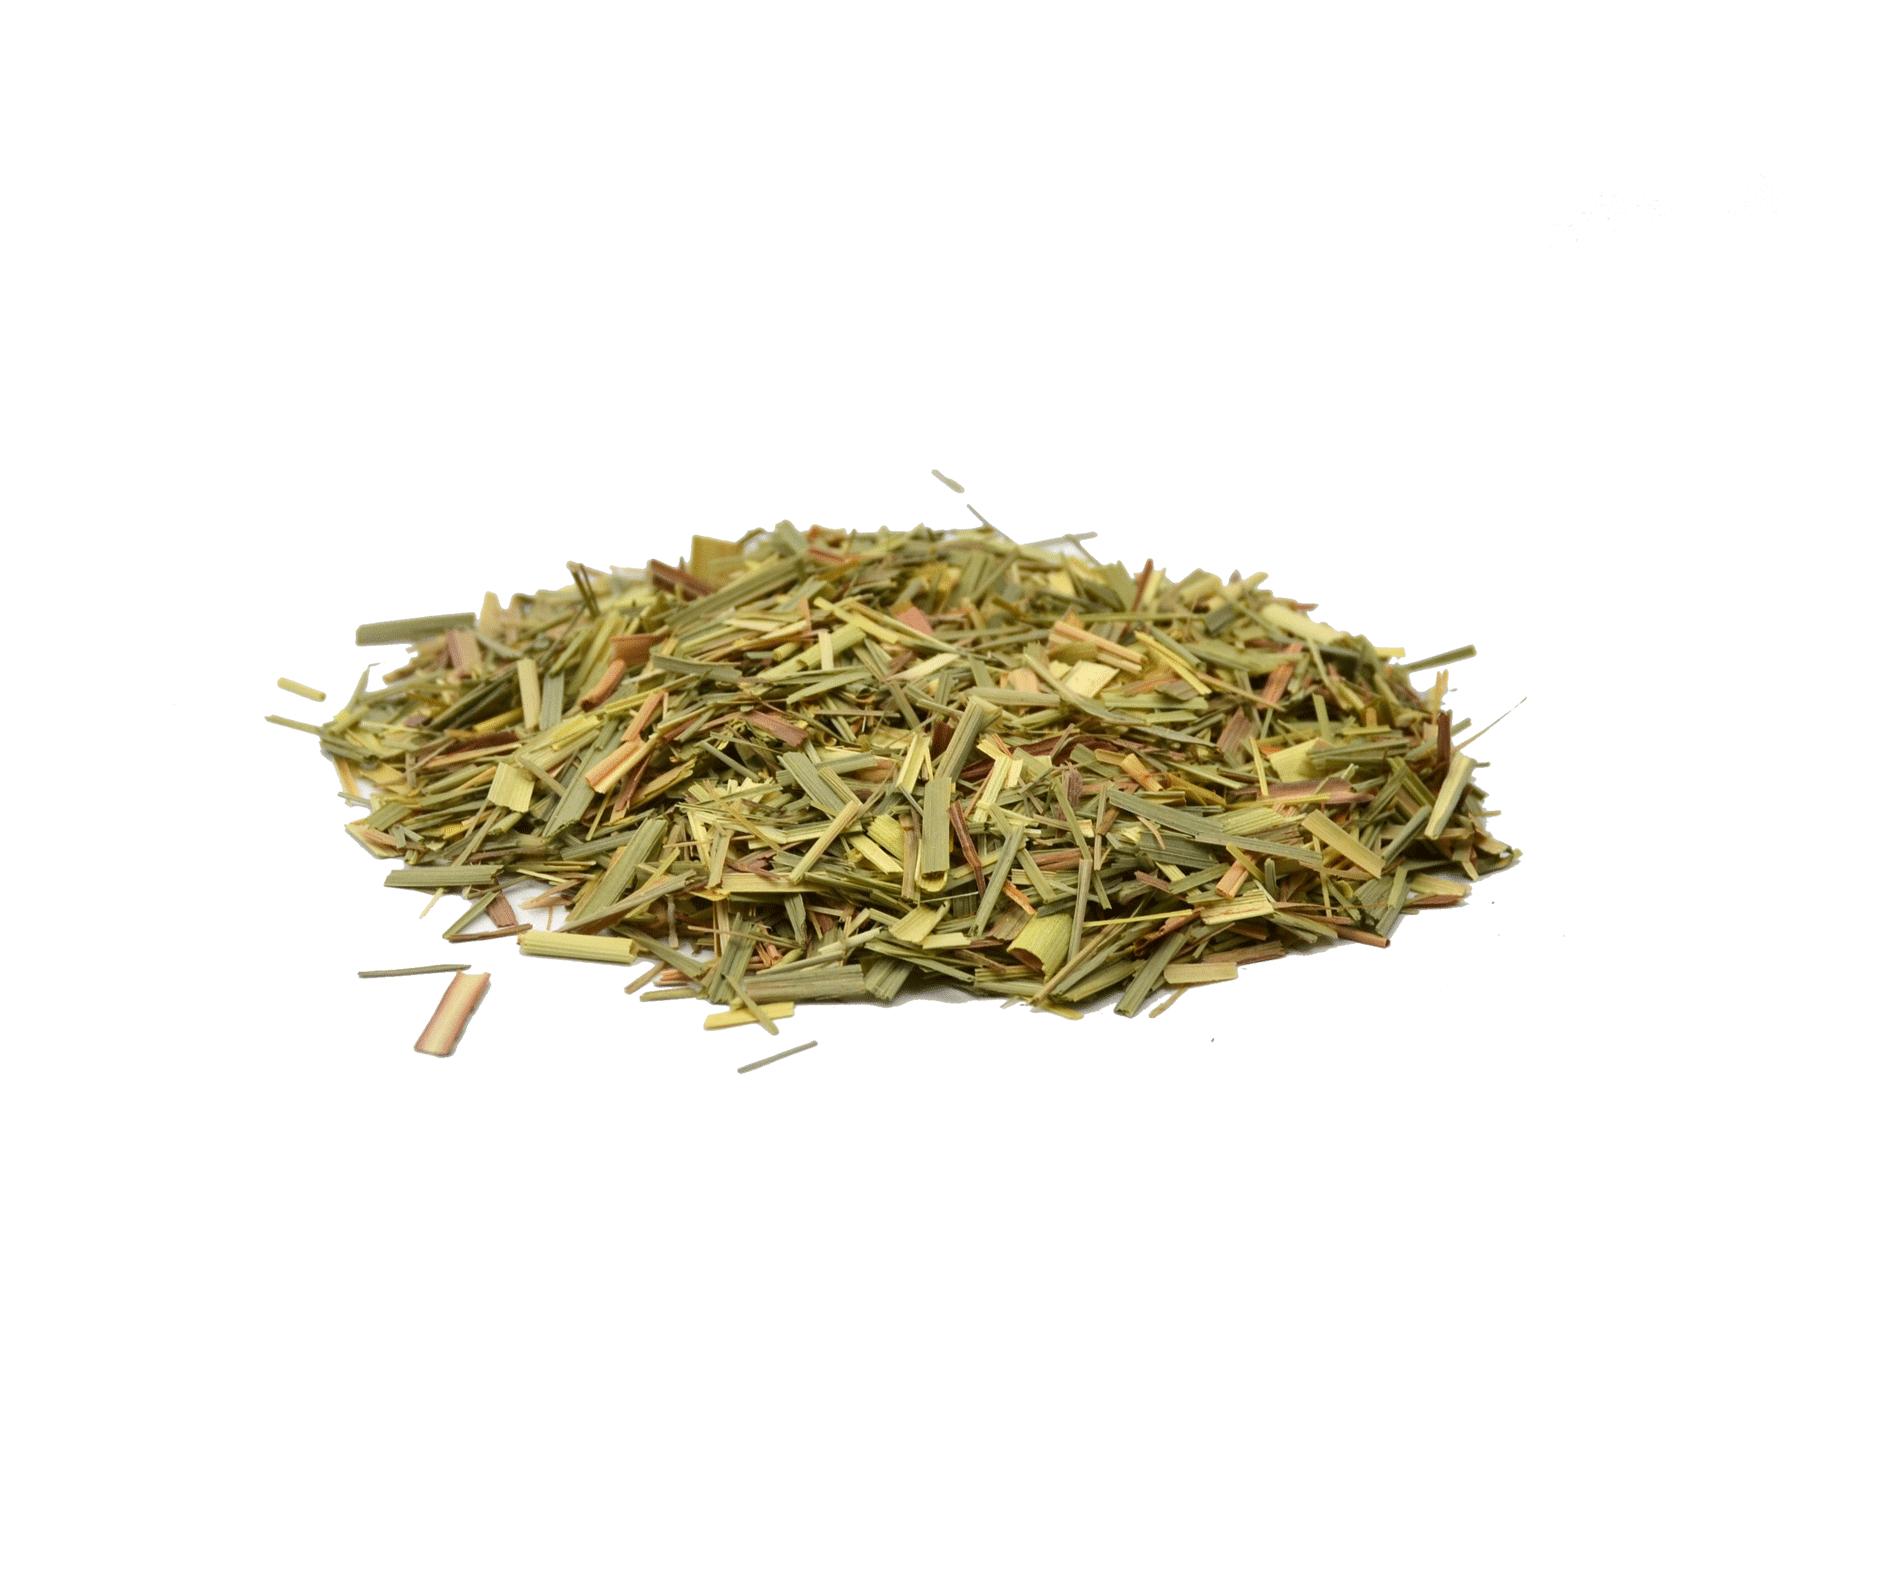 Lemongrass a granel en nuestra tienda online de frutos secos secofrut.com